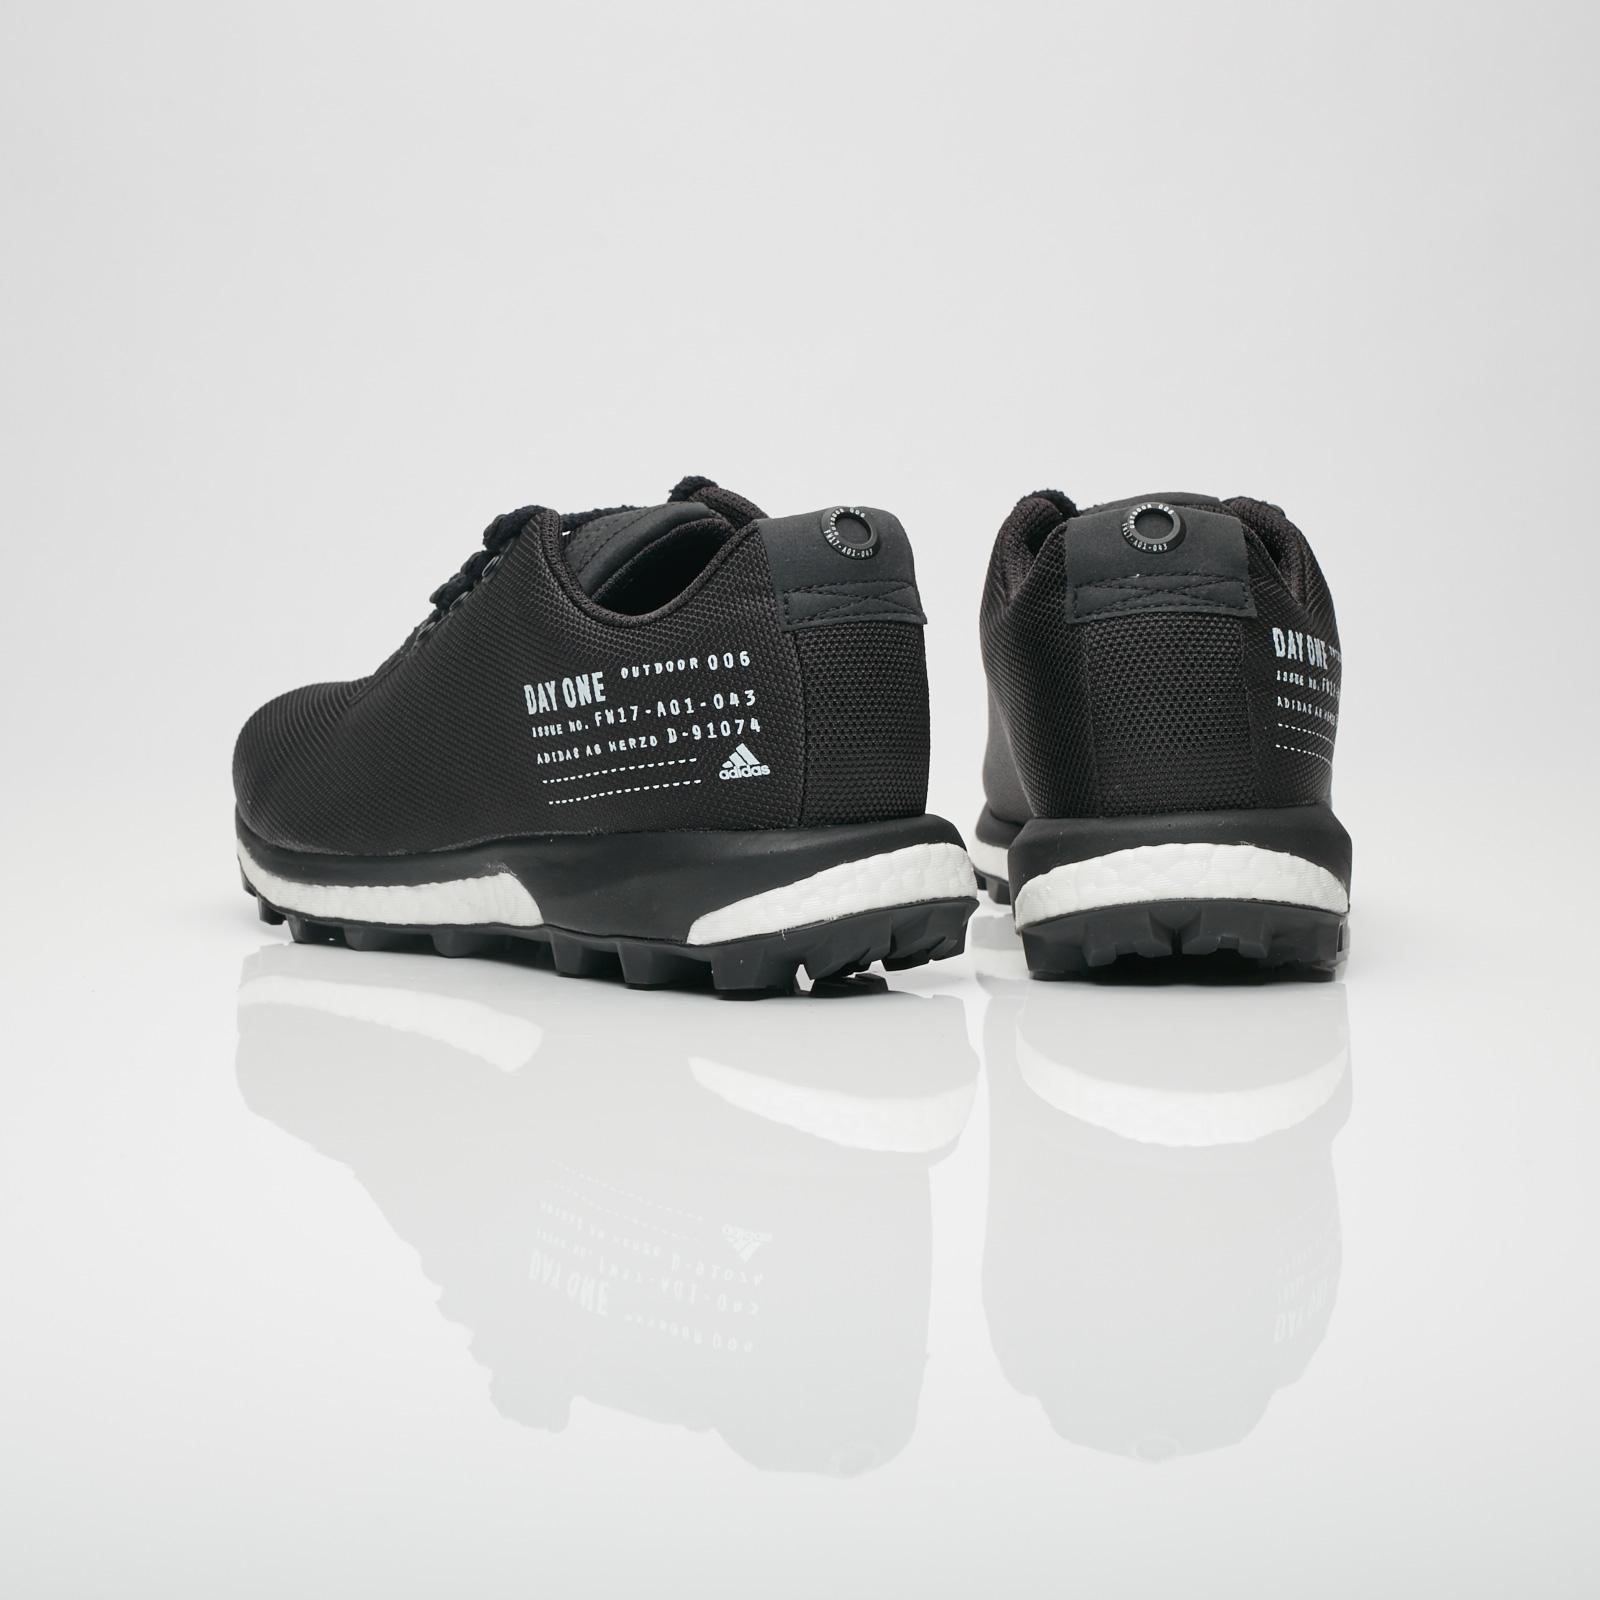 newest 8c3c0 02d5d adidas Consortium ADO Terrex Agravic adidas Consortium ADO Terrex Agravic  ...